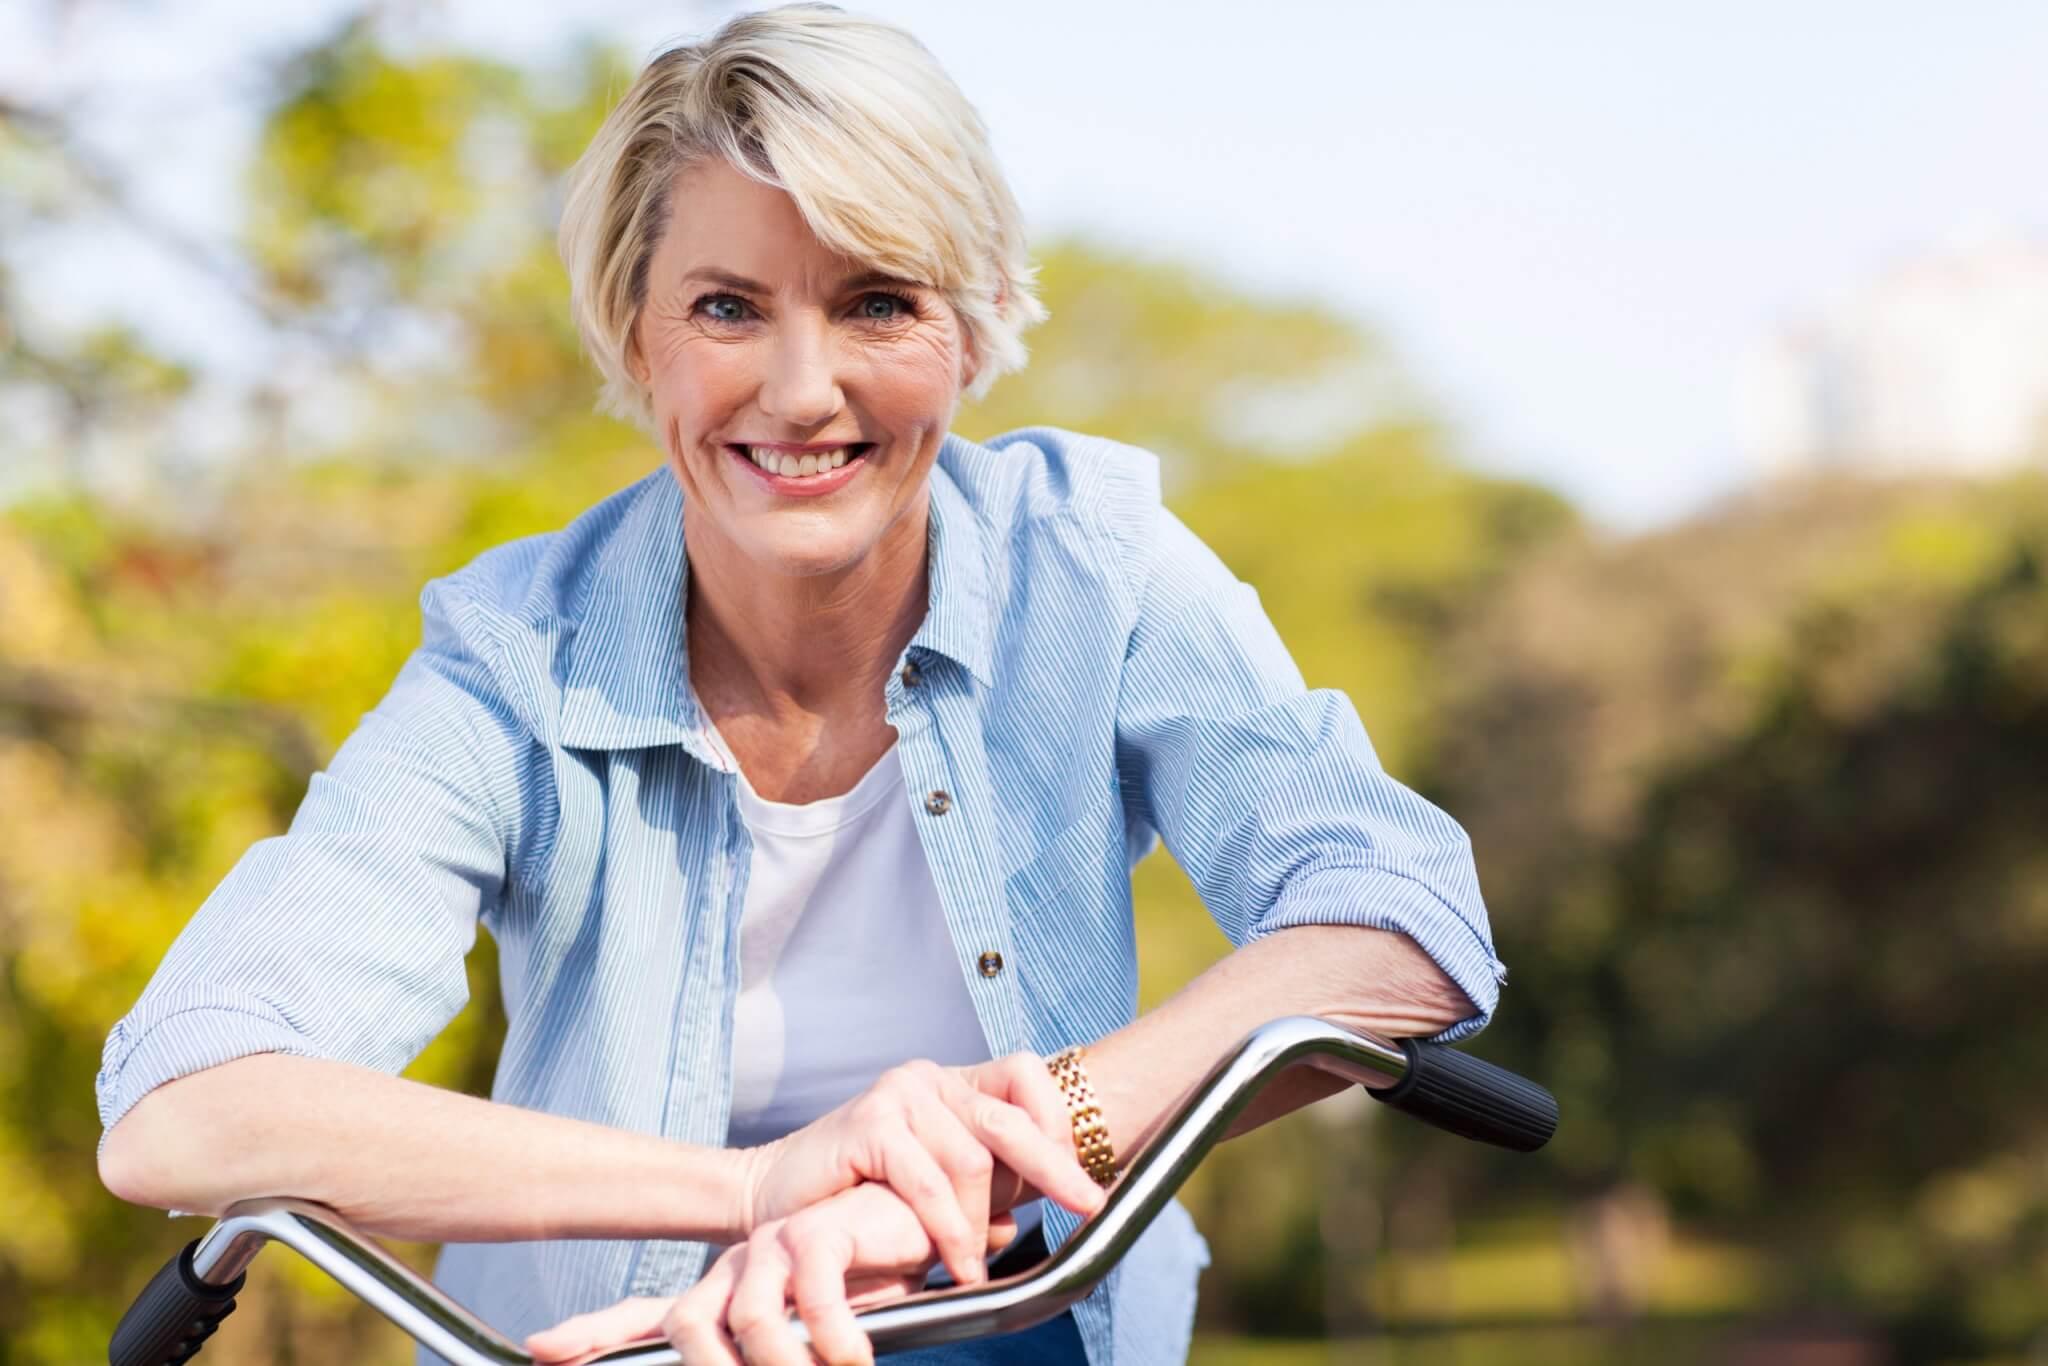 Blonde vrouw op een fiets die lacht omdat ze geen aandrang meer heeft